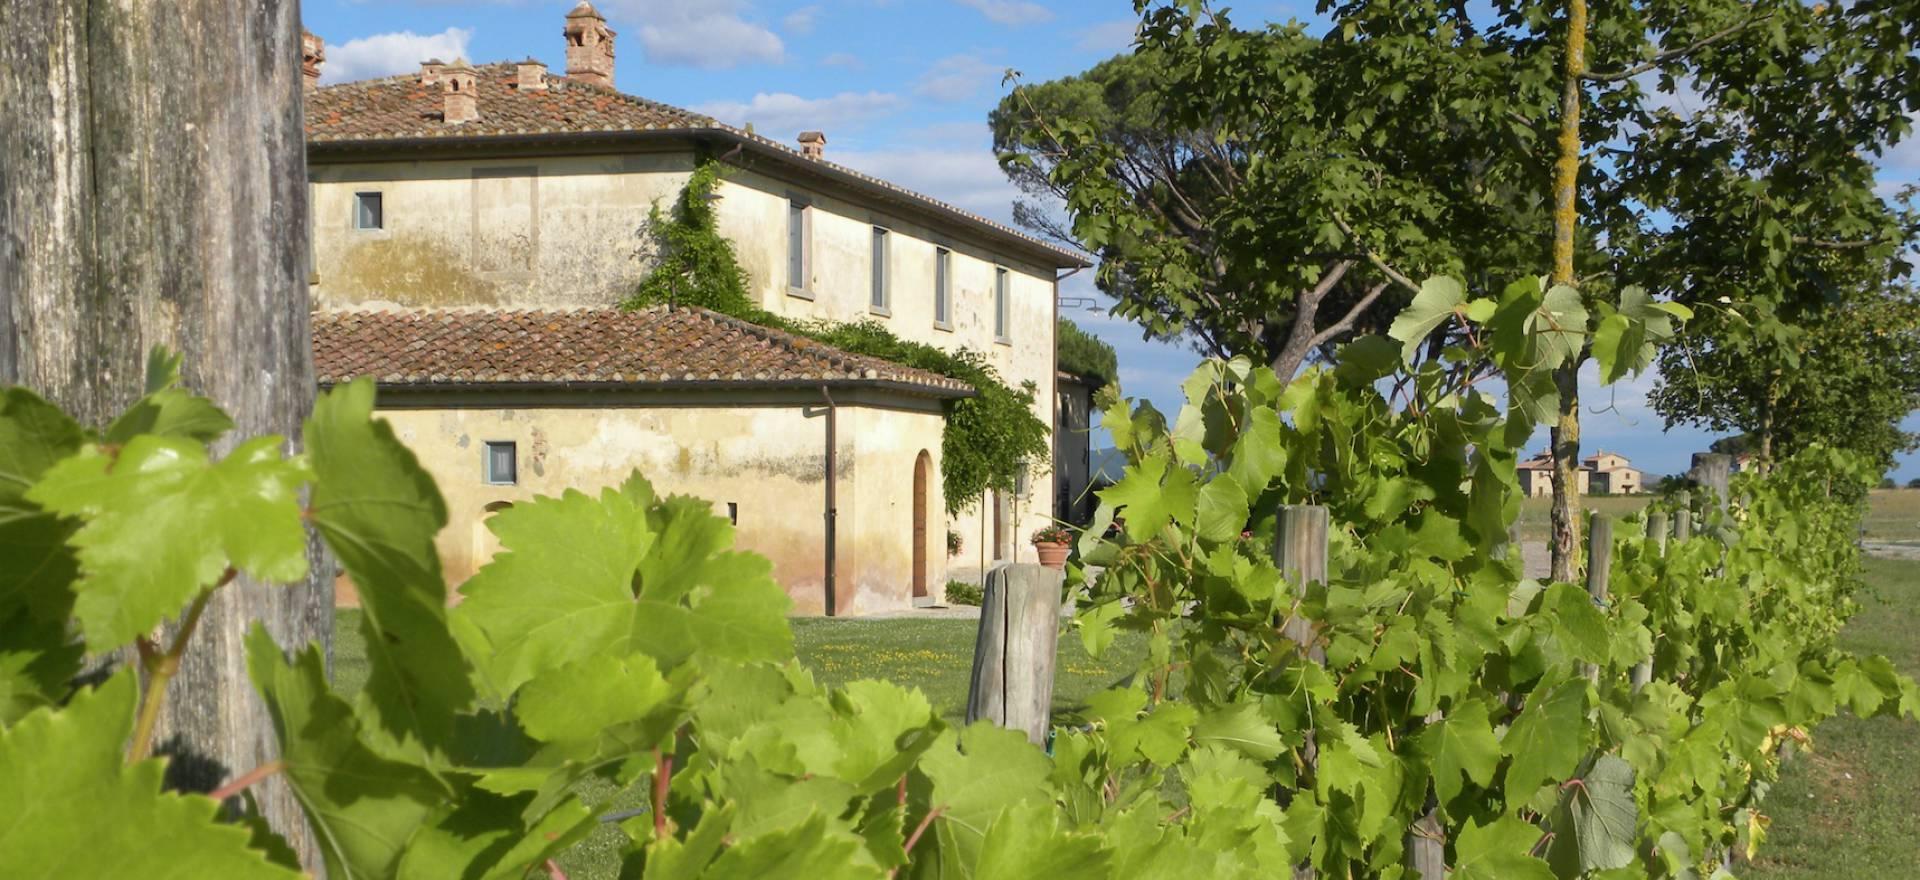 Agriturismo Toscane Gastvrije agriturismo nabij Cortona